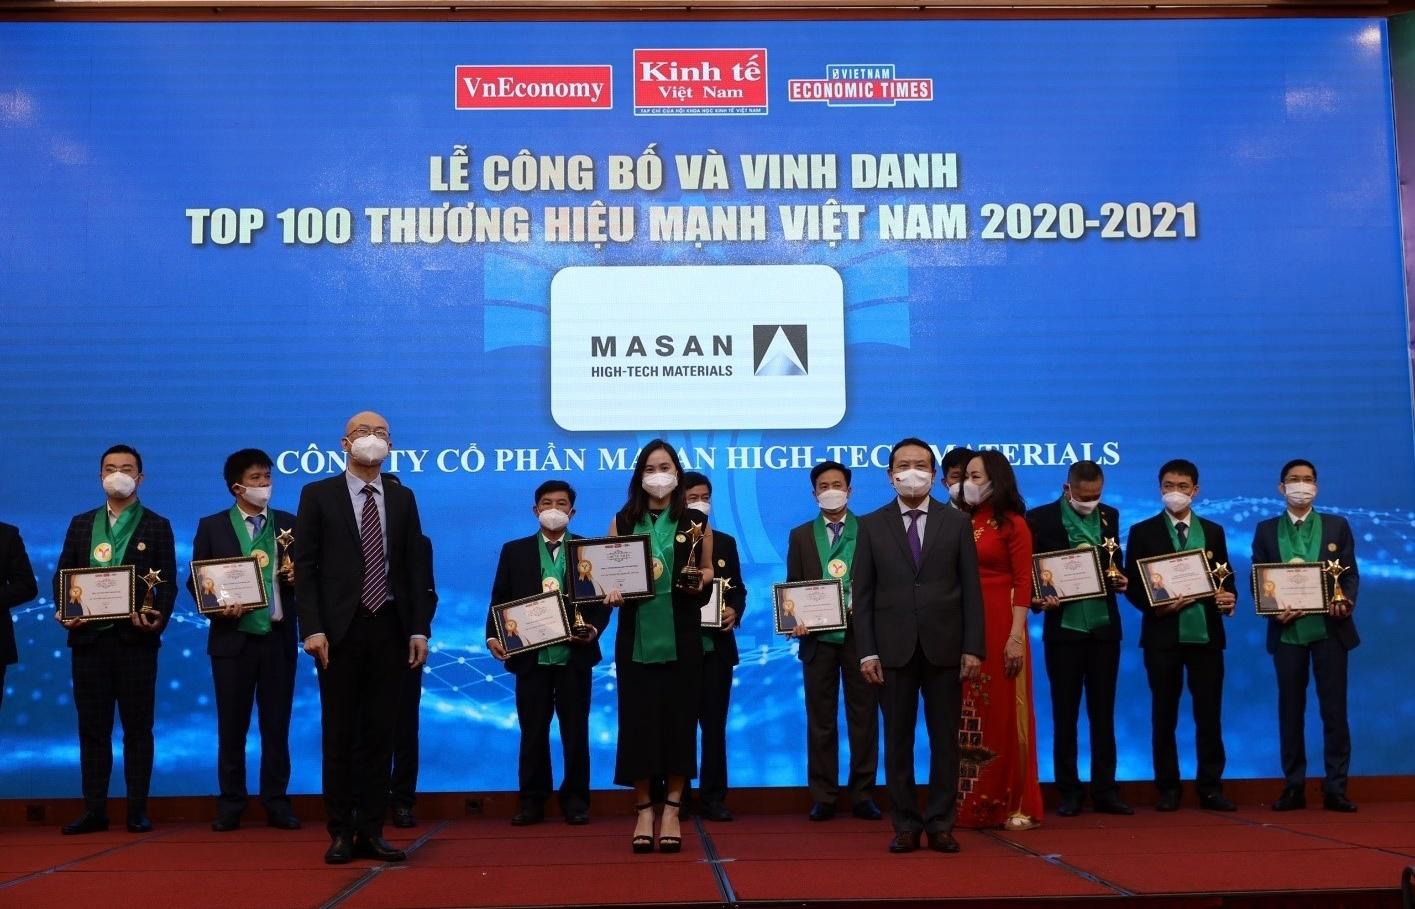 Masan High-Tech Materials honoured among 100 strongest Vietnamese brands